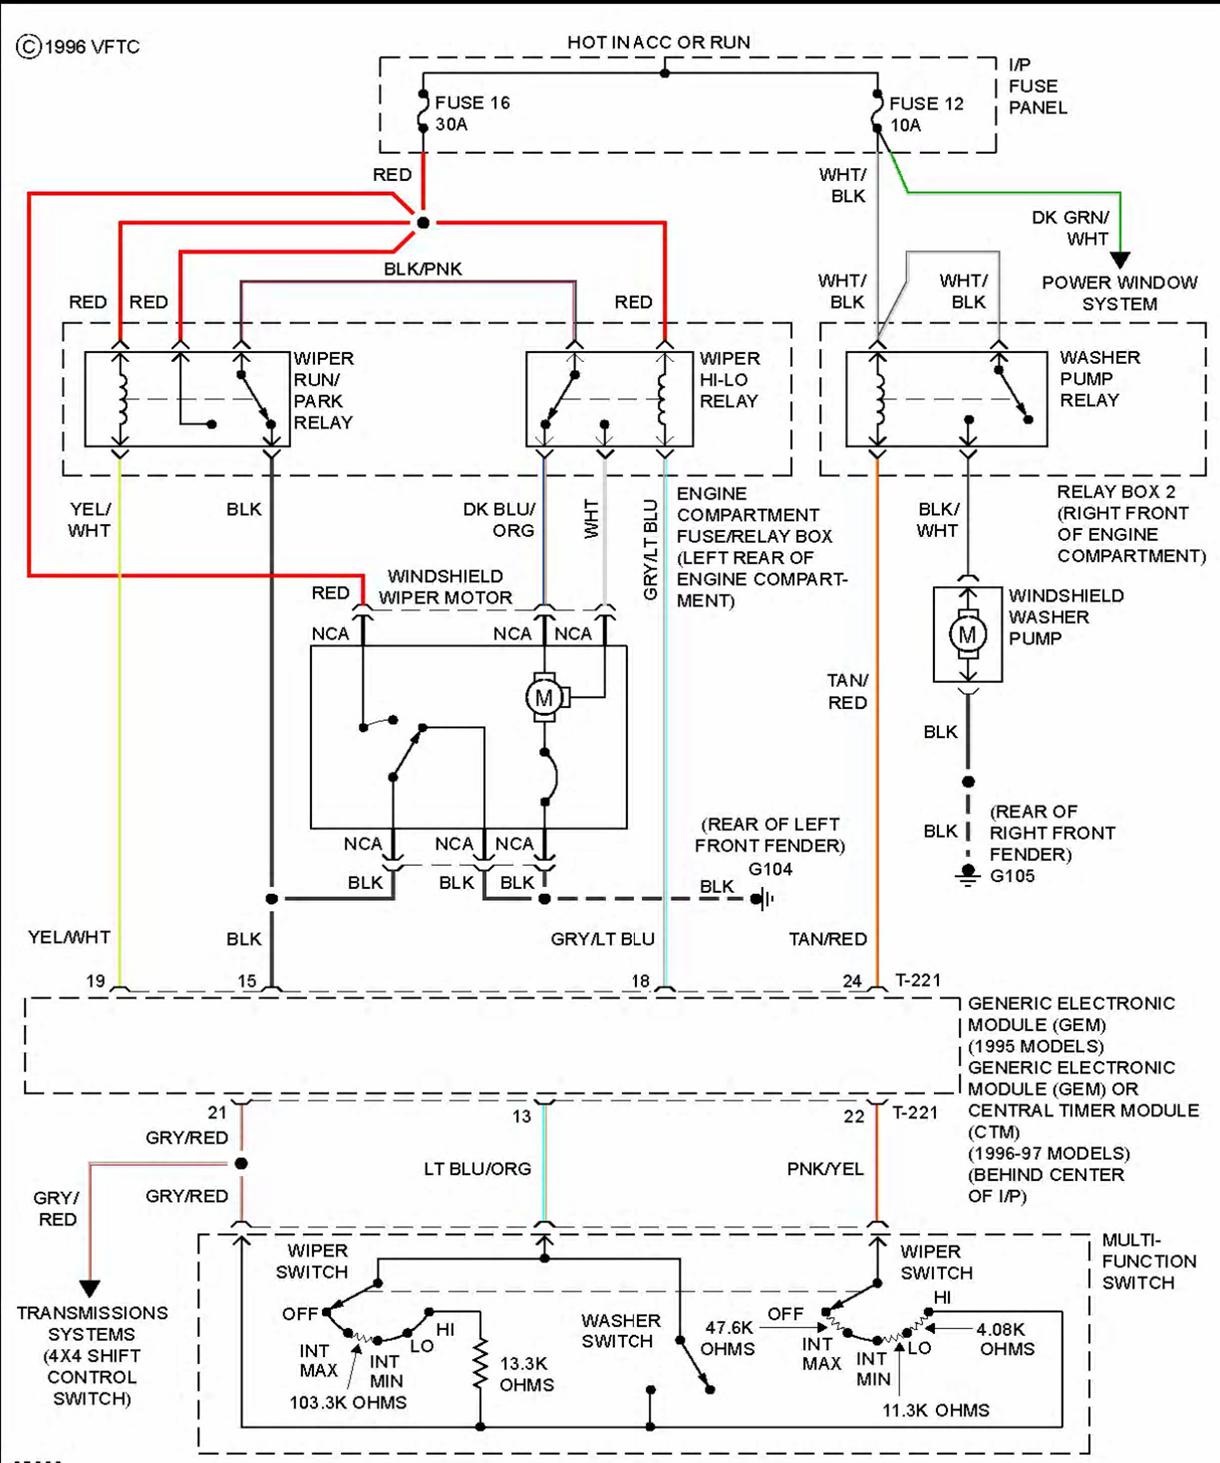 gem cart wiring diagram gem electric car wiring diagram e3 wiring diagram  gem electric car wiring diagram e3